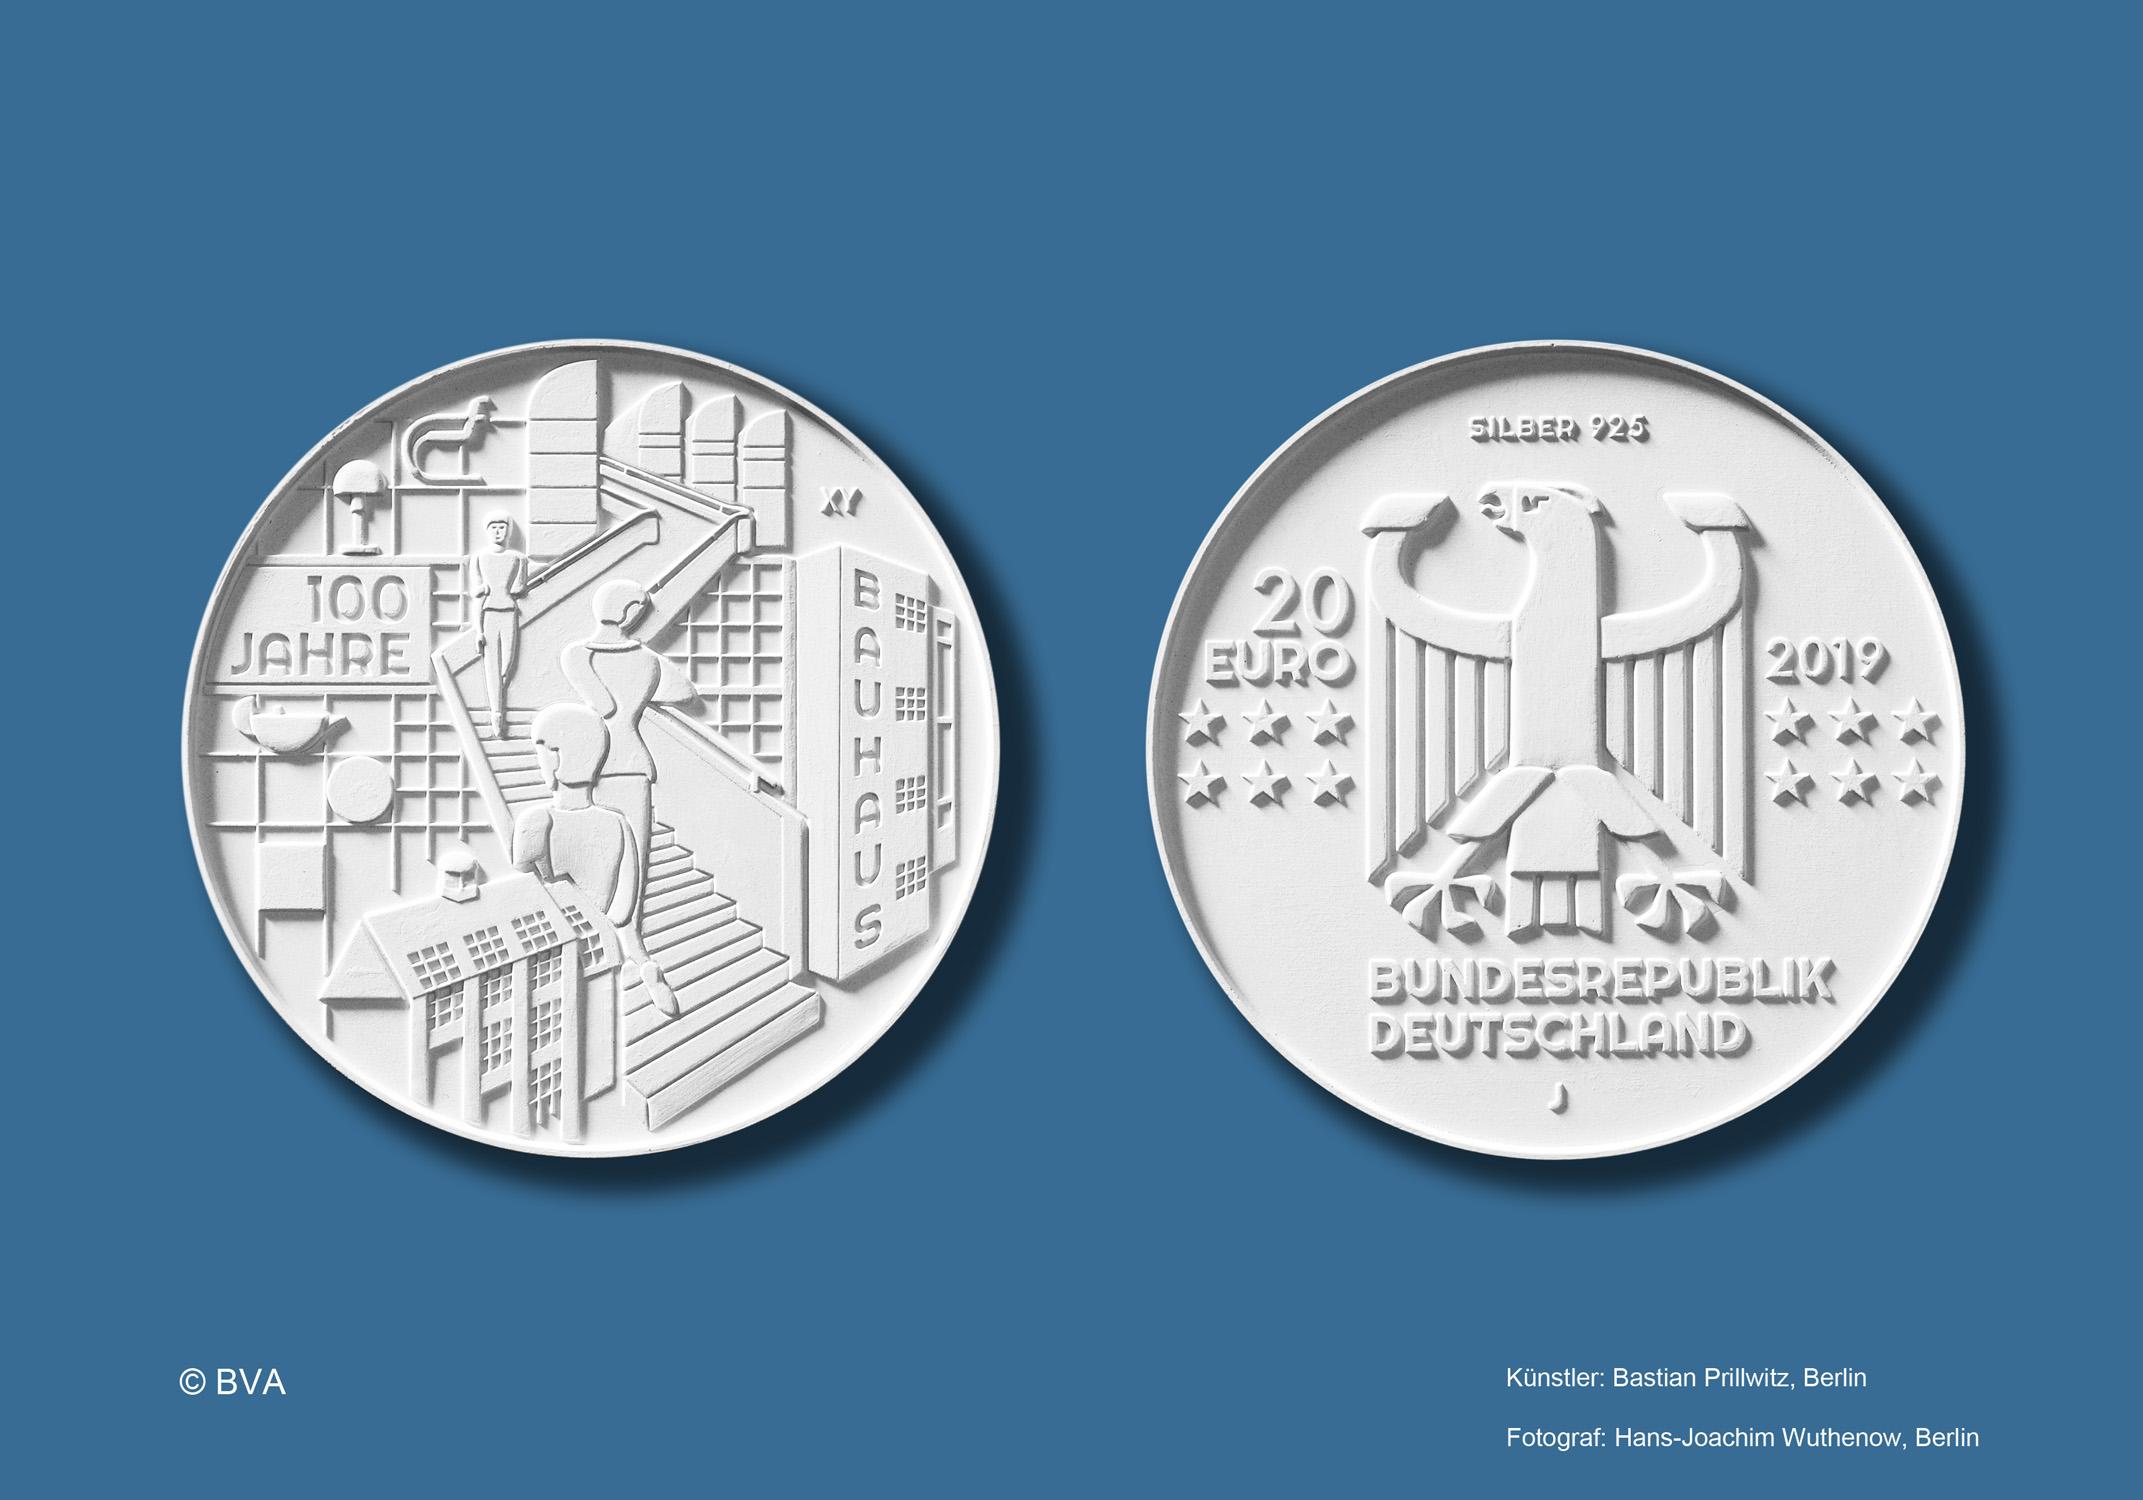 """Bastian Prillwitz hat das Design der silbernen 20-Euro-Gedenkmünze """"100 Jahre Bauhaus"""" gestaltet. Quelle: BVA, Fotograf: Hans Wuthenow, Berlin, Künstler: Bastian Prillwitz, Berlin"""